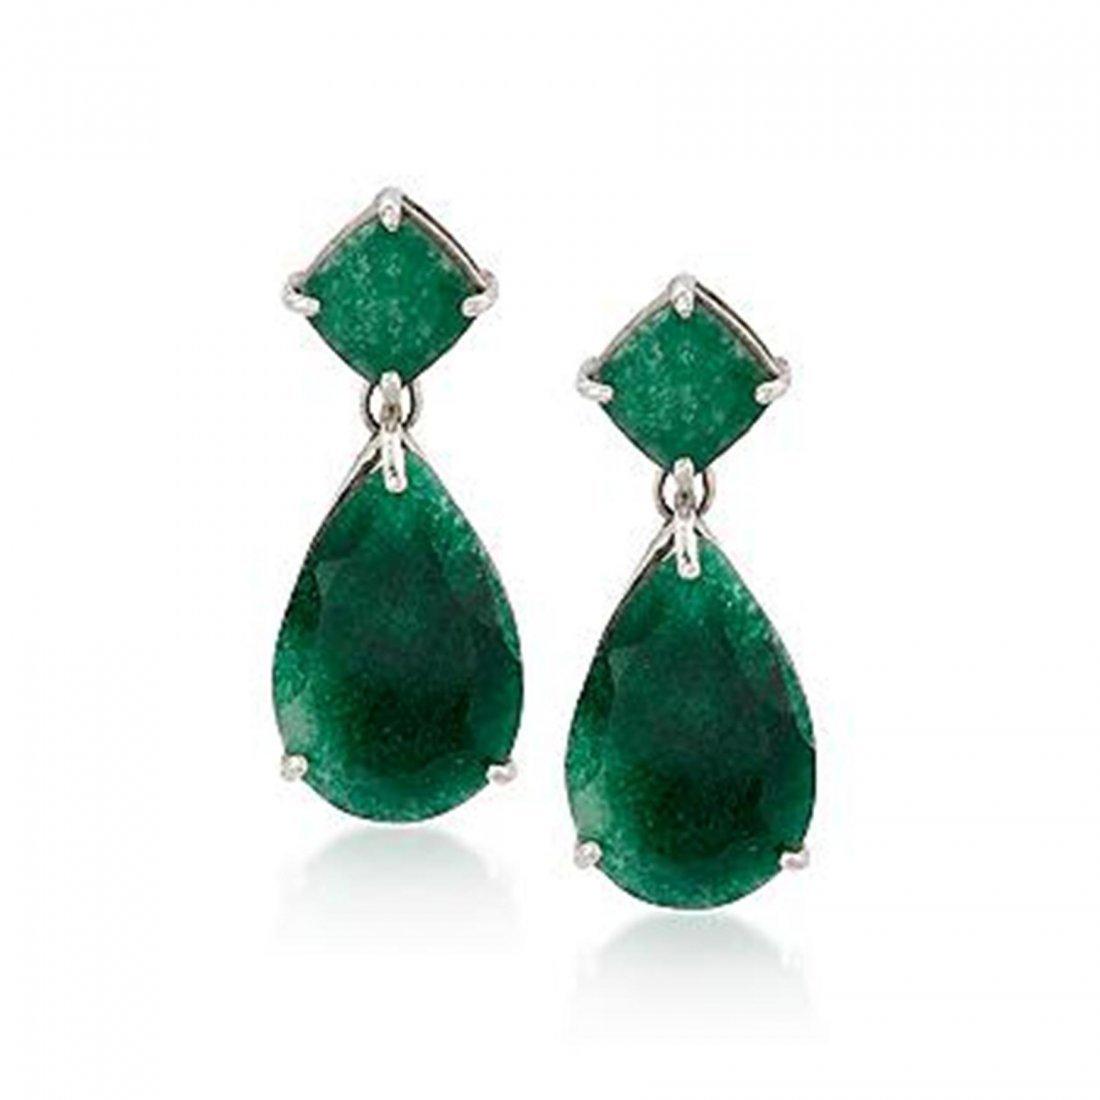 20.00 ct. t.w. Emerald Earrings in Sterling Silver